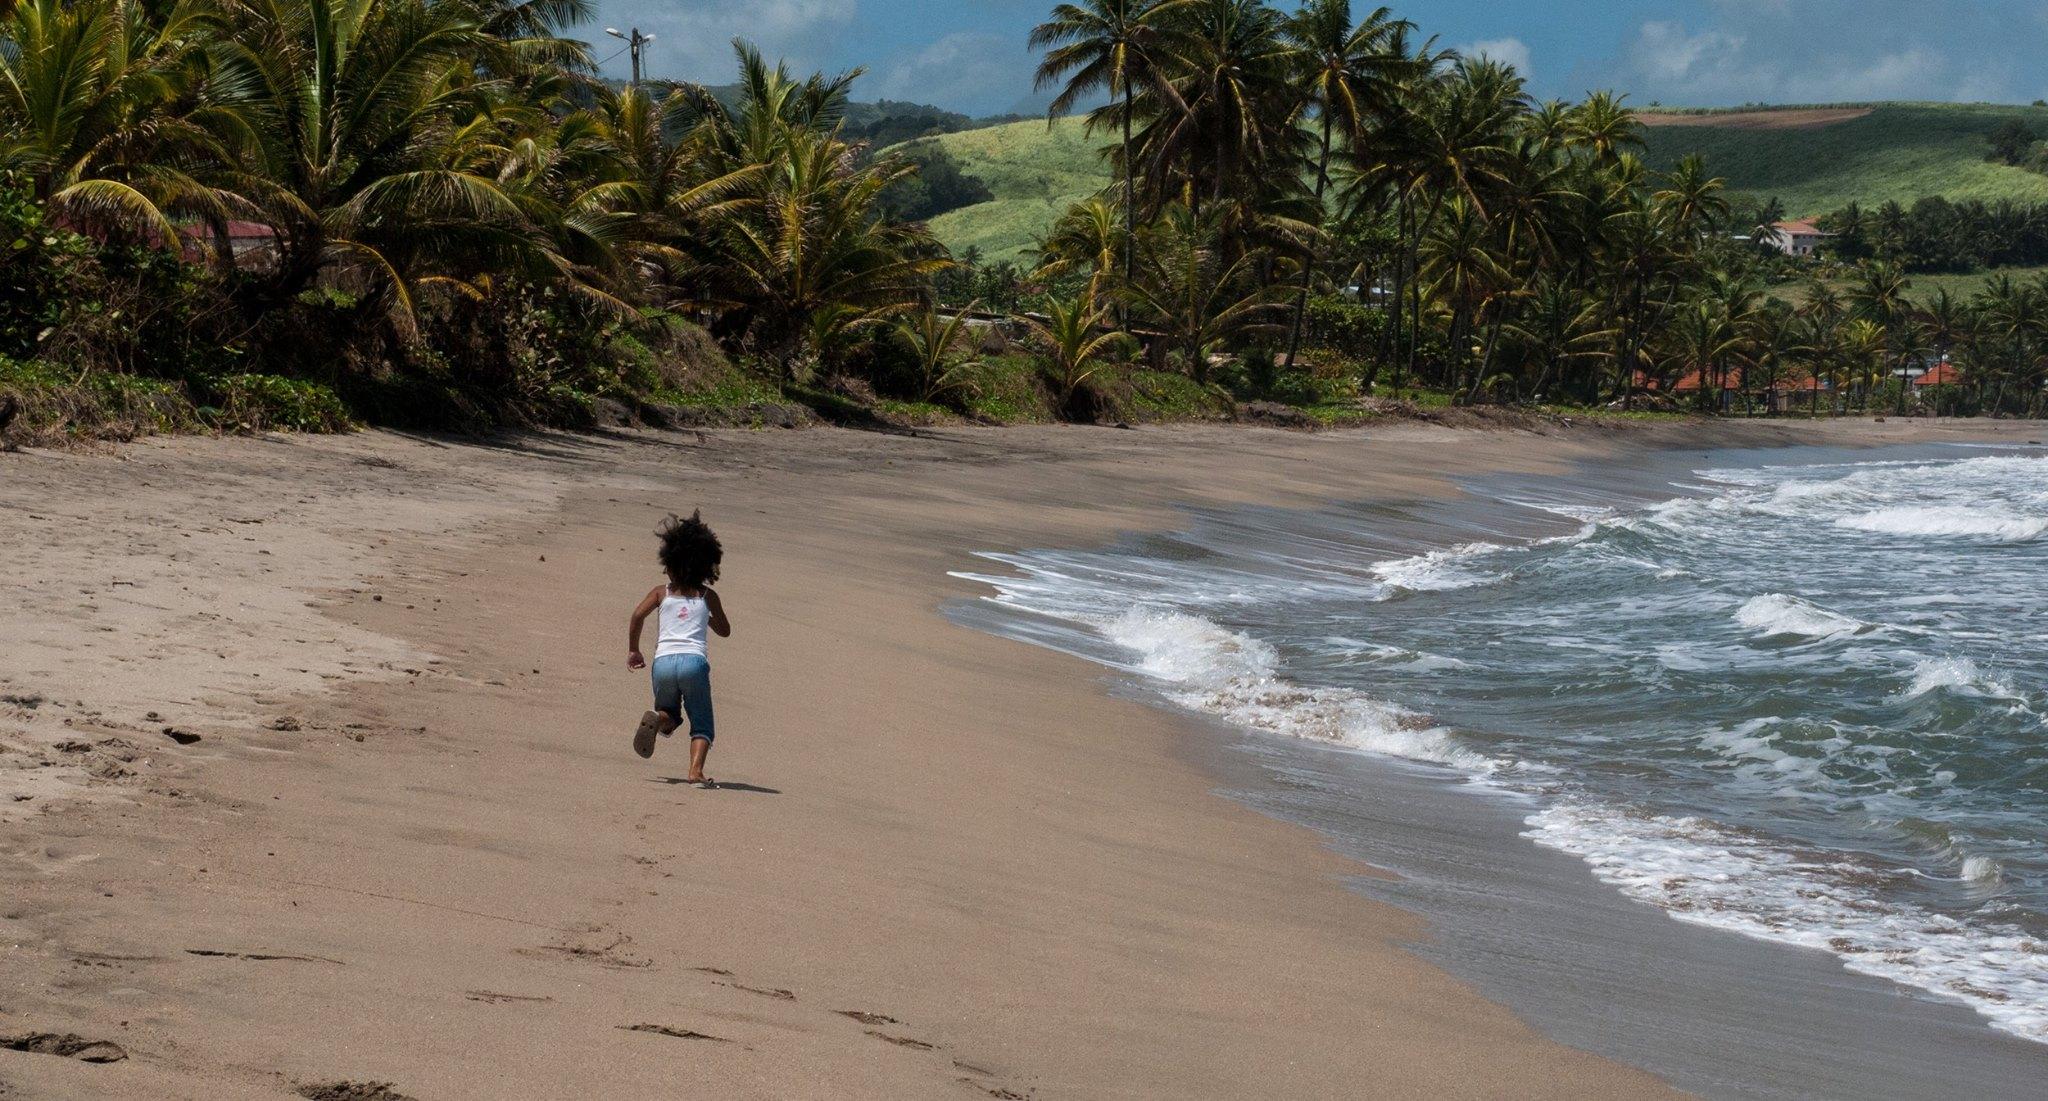 Le sable une ressource précieuse